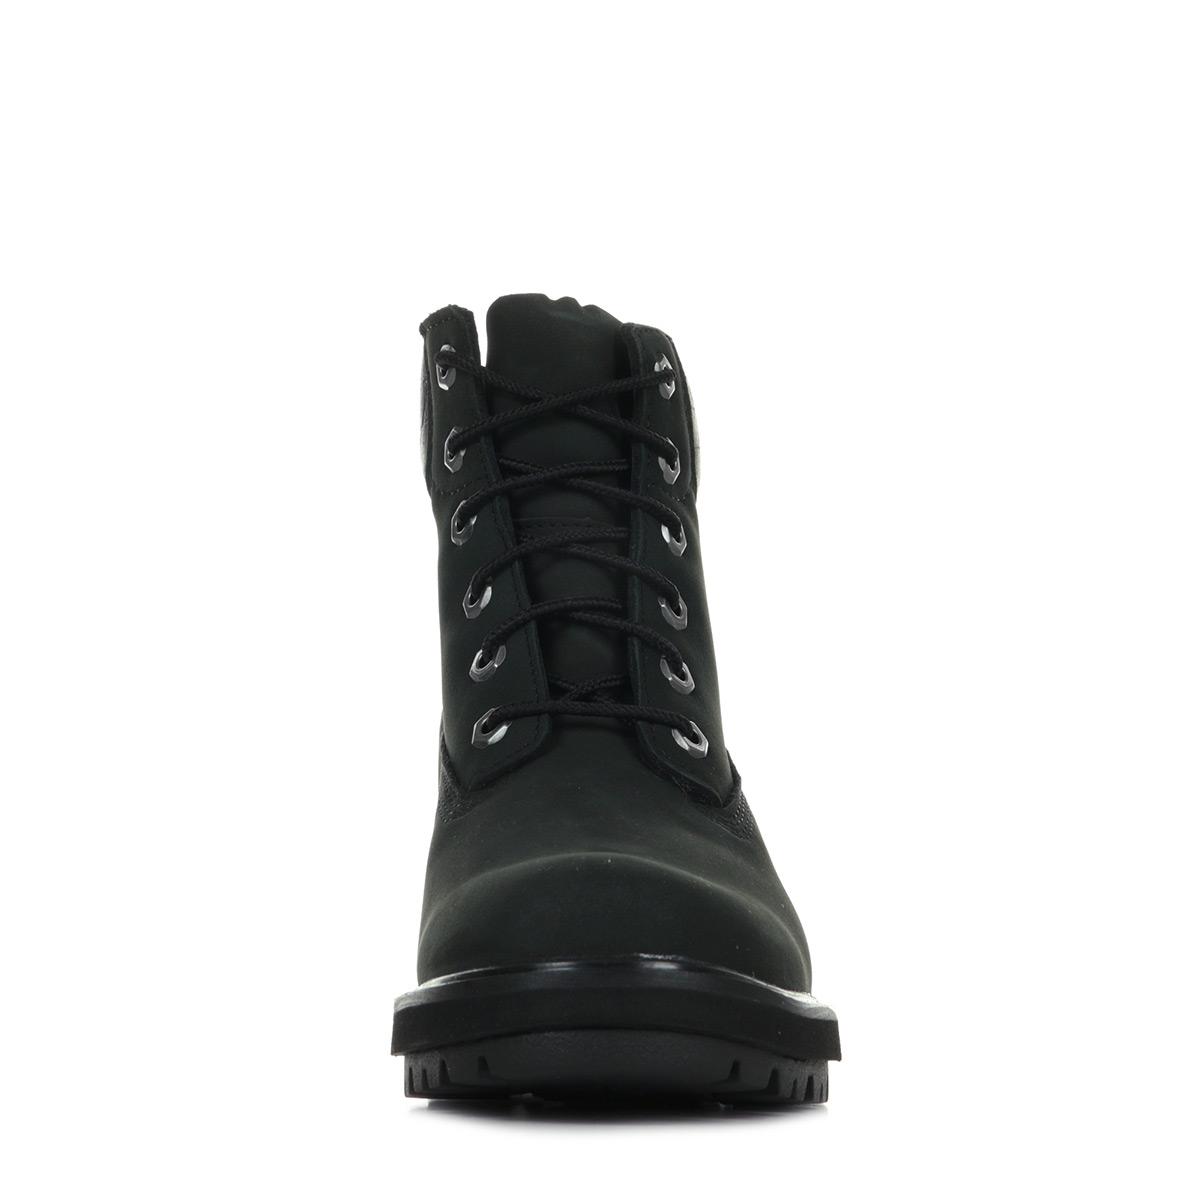 Détails sur Bottines Timberland femme Kinsley 6 inch WP taille Noir Noire Nubuck Lacets